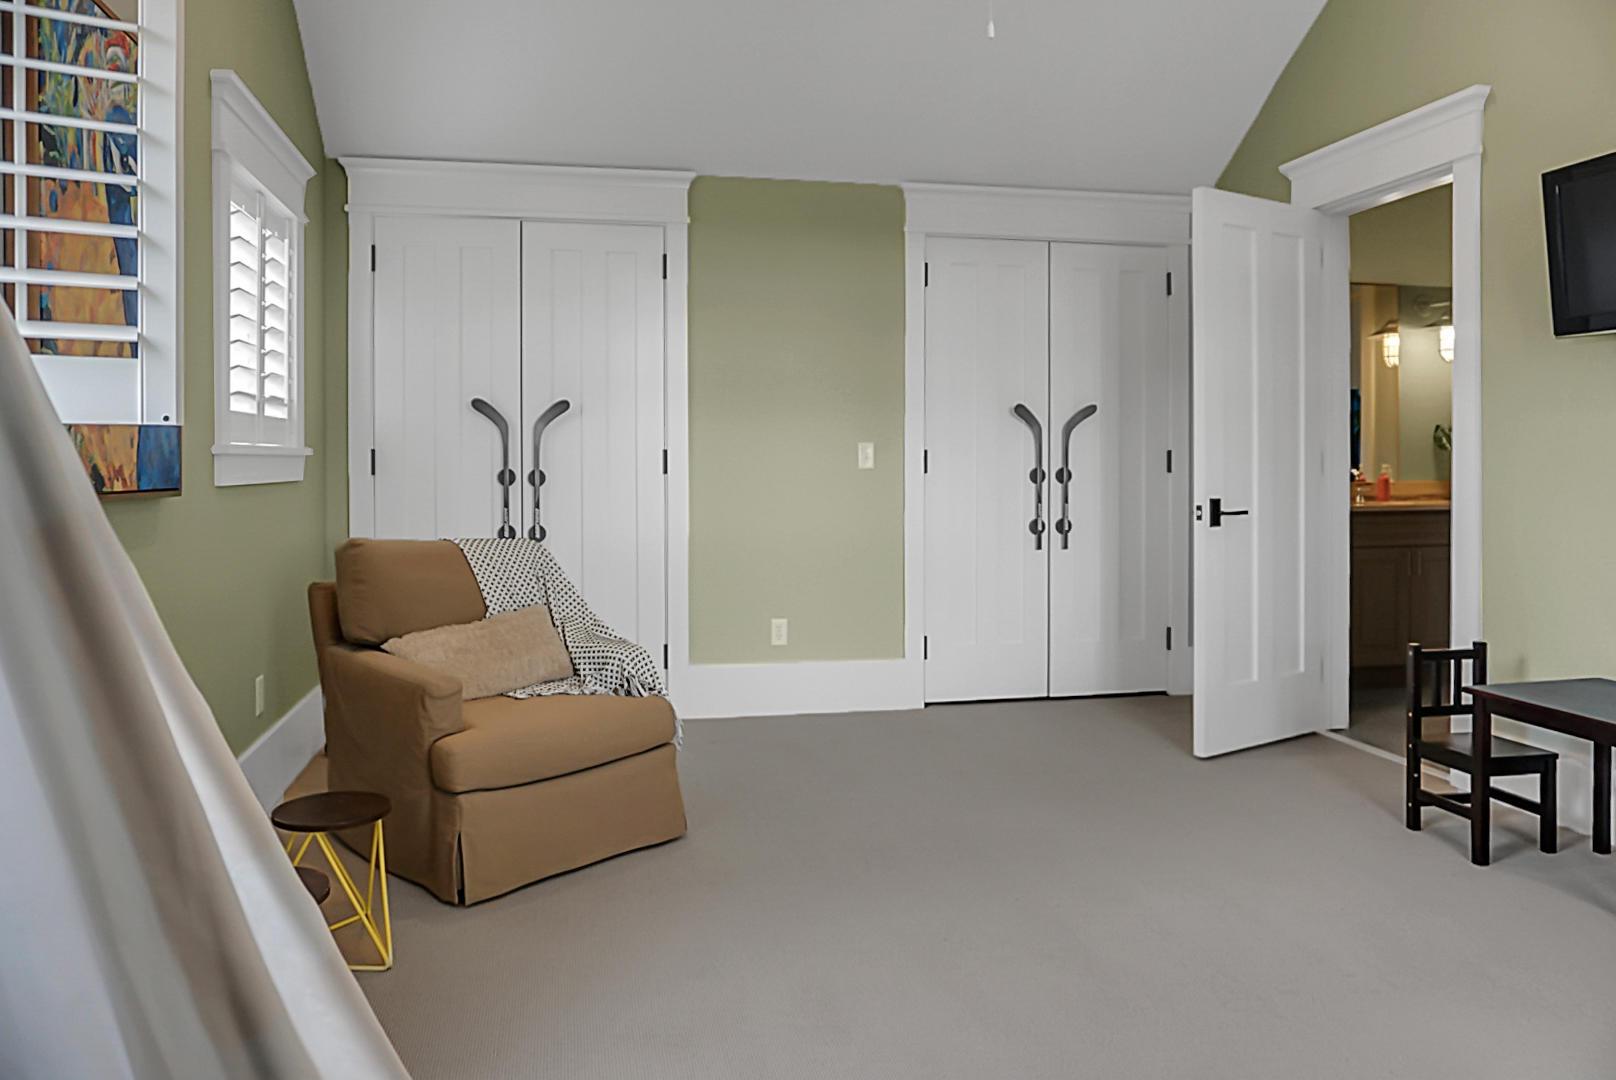 Dunes West Homes For Sale - 2978 River Vista, Mount Pleasant, SC - 80